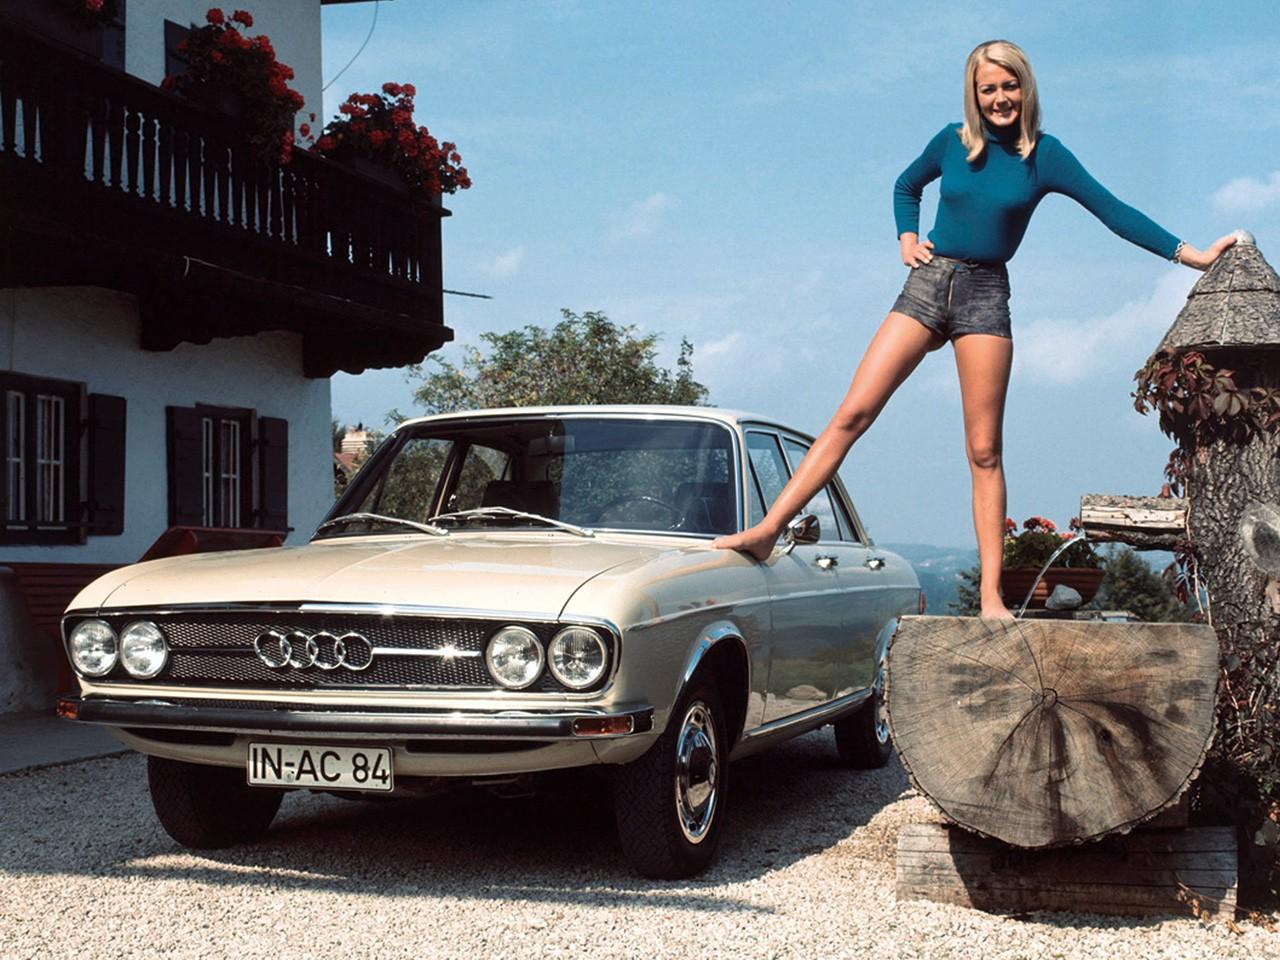 AUDI 100 (C1) specs - 1968, 1969, 1970, 1971, 1972, 1973, 1974, 1975 Audi Gl on the new audi, first audi, blue audi, exotic audi, pink audi, chief keef audi, white audi, all black audi, golden audi, fast audi, cheap audi, matchbox audi,